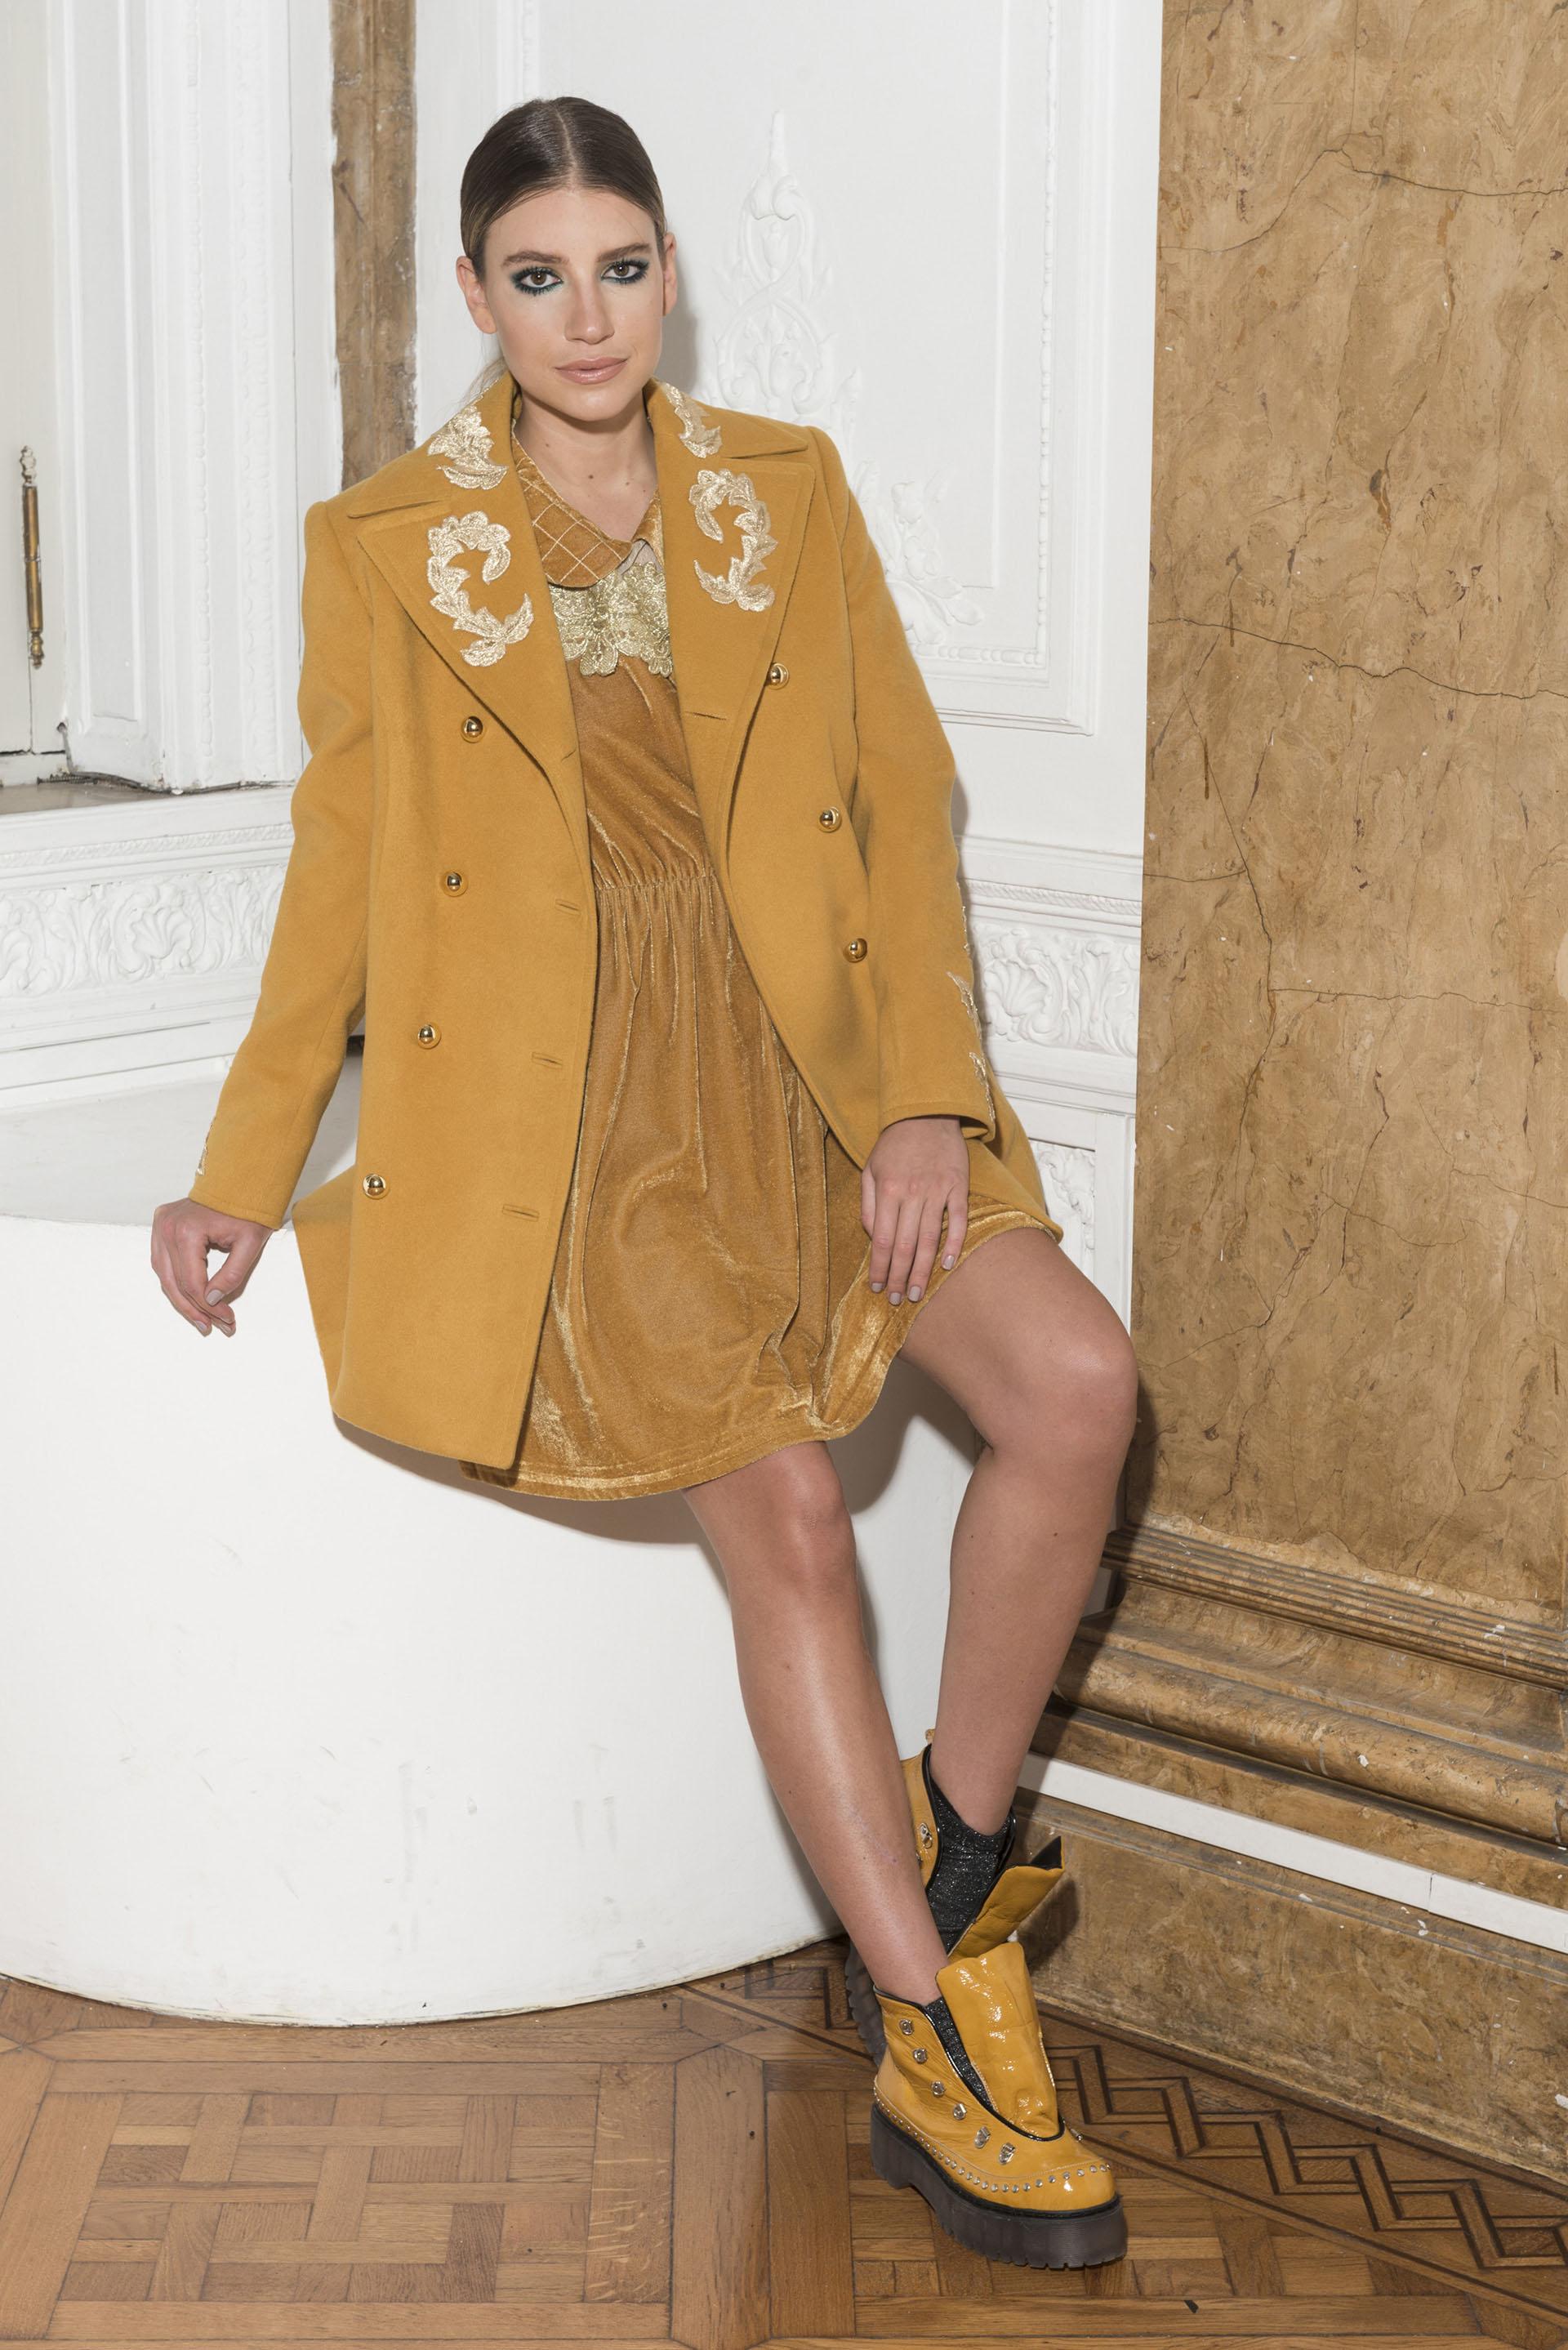 Mostaza total. Tapado de paño con detalles de bordado en hilo de oro con vestido de chiffon con cuello y bordado de flores. Borcegos charolados de Sofía Sarkany